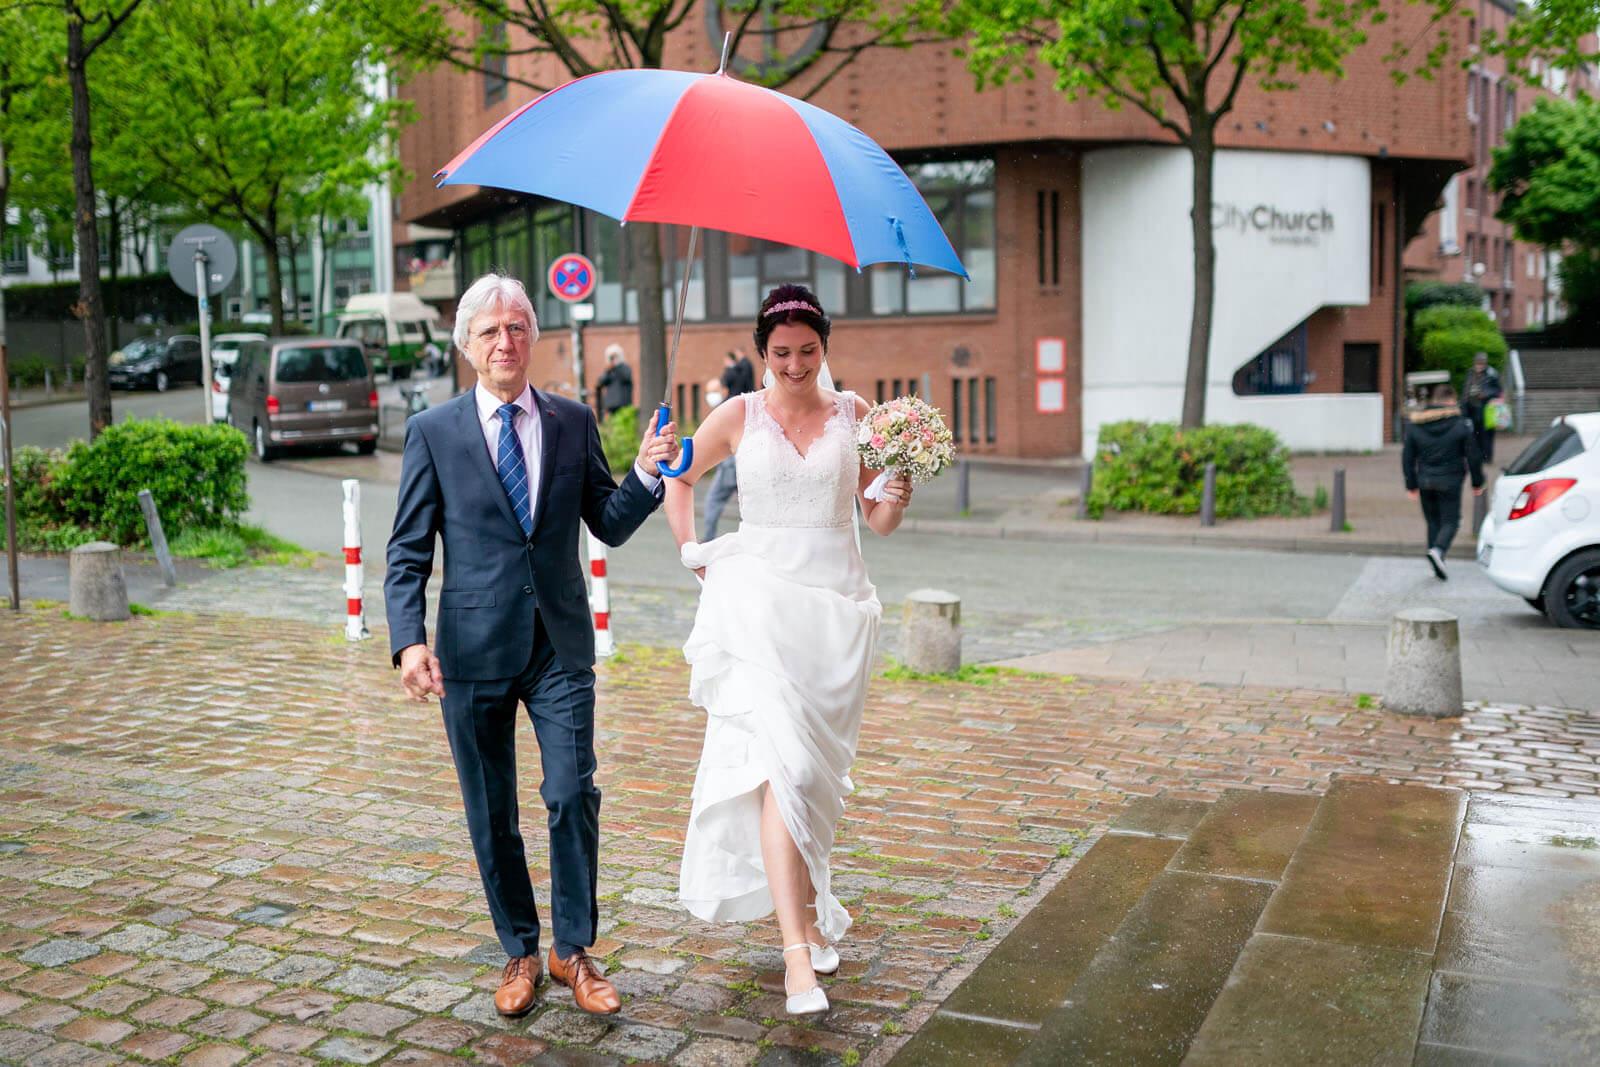 Brautvater begleitet seine Tochter bei Regen zur Kirche.